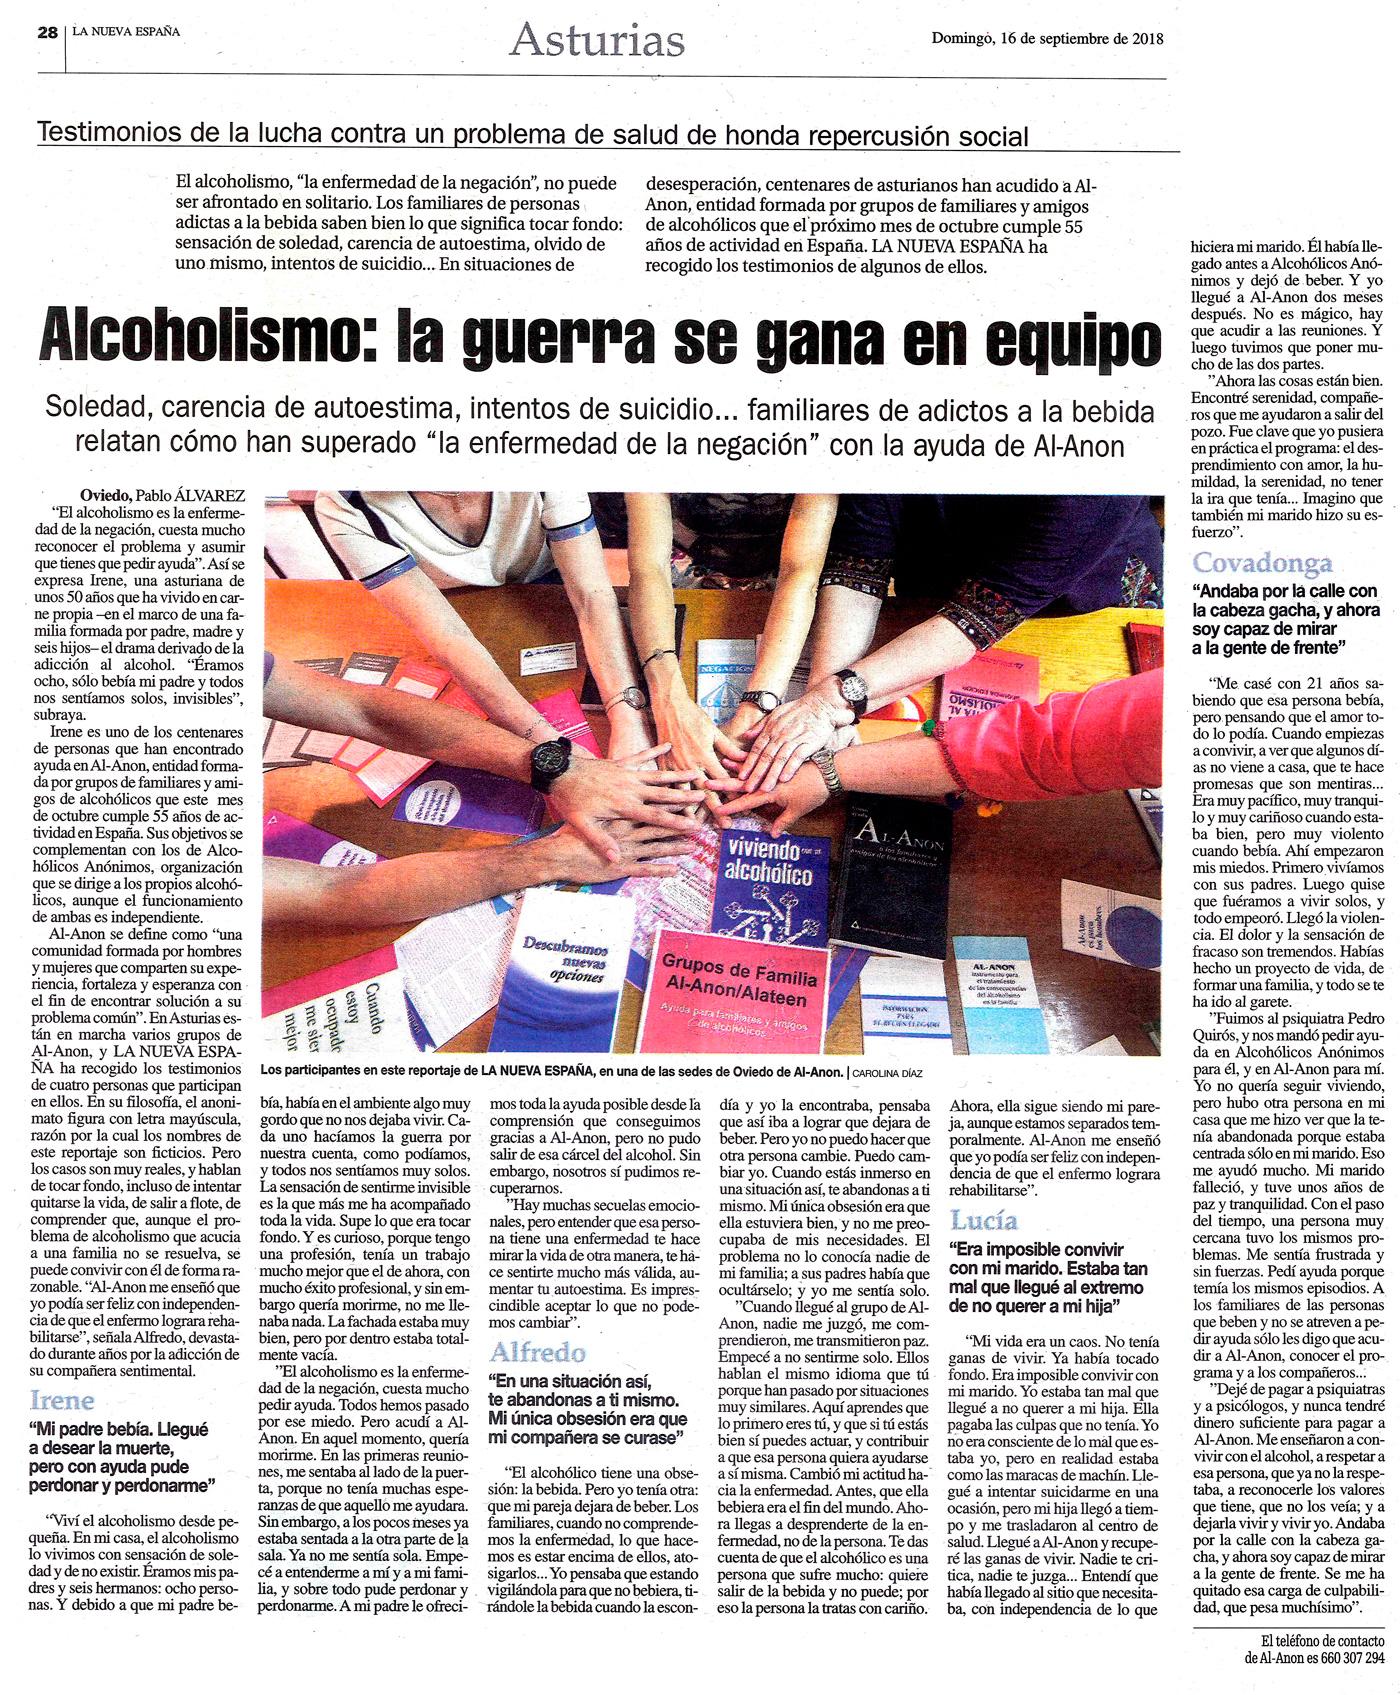 Alcoholismo: la guerra se gana en equipo